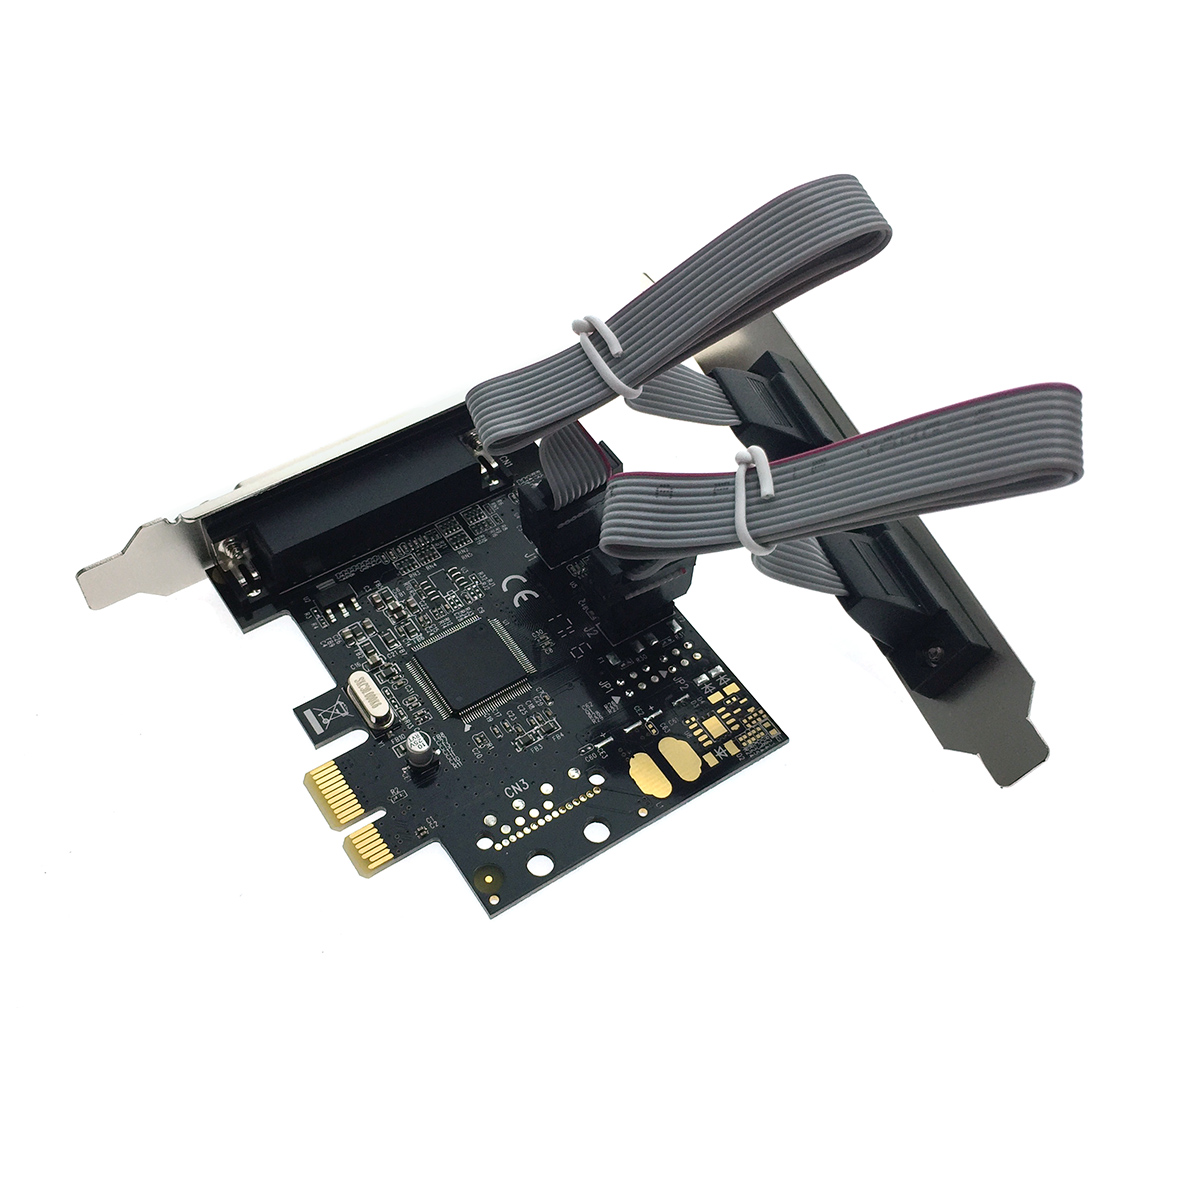 Контроллер PCI-E to 2 RS232 + 1 Printer порт /2 COM + 1 LPT port/, chip MCS9901CV, FG-EMT03A-1-BU01, Espada, oem